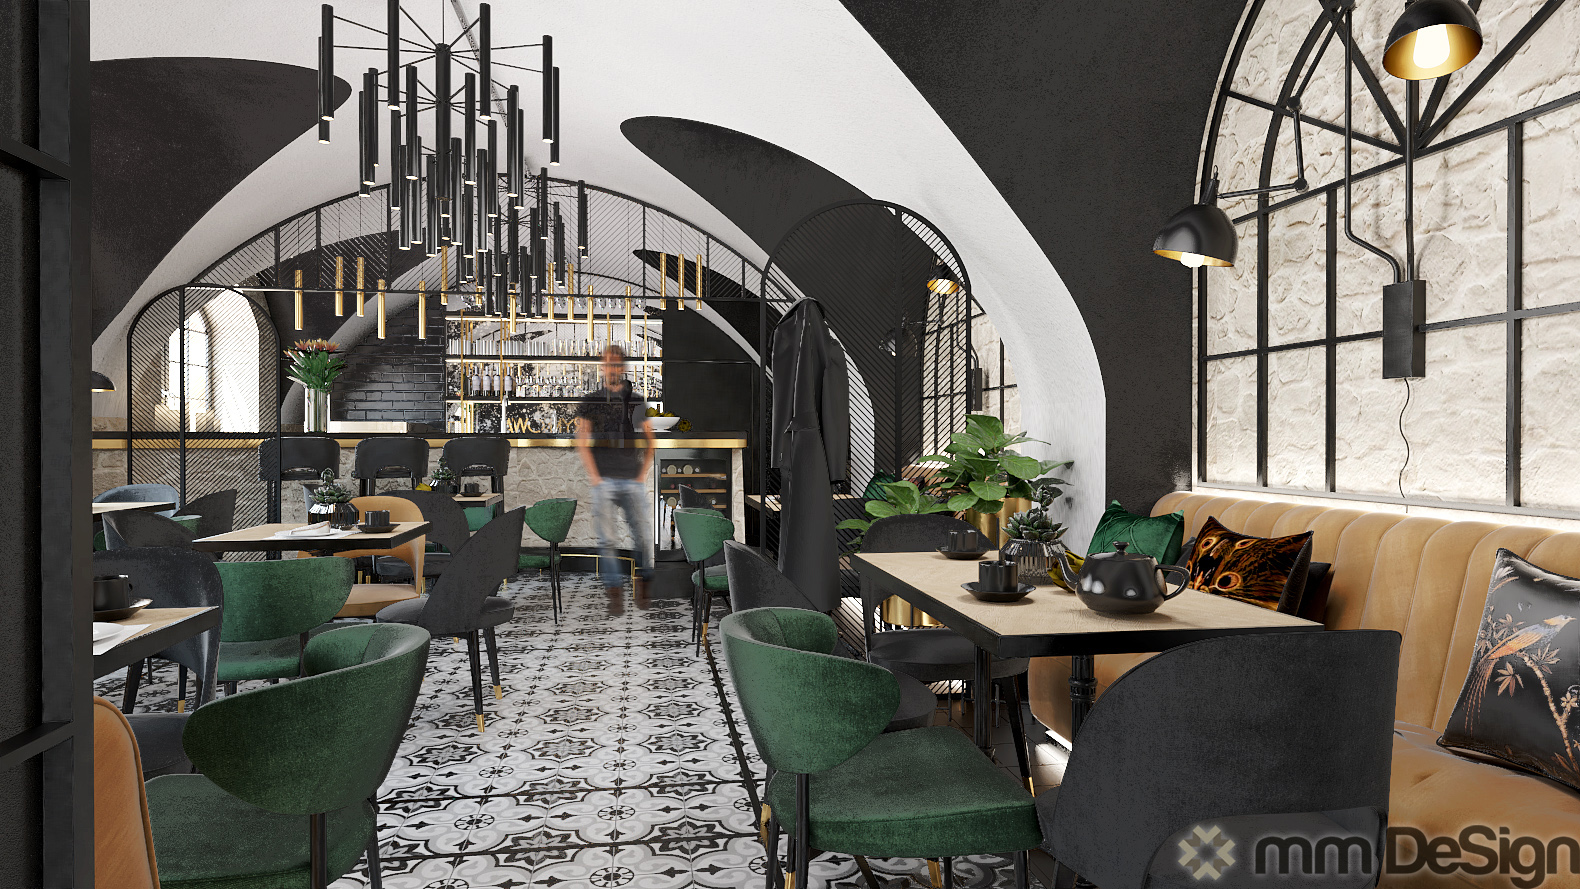 mm design projektowanie wnętrz restauracji 1